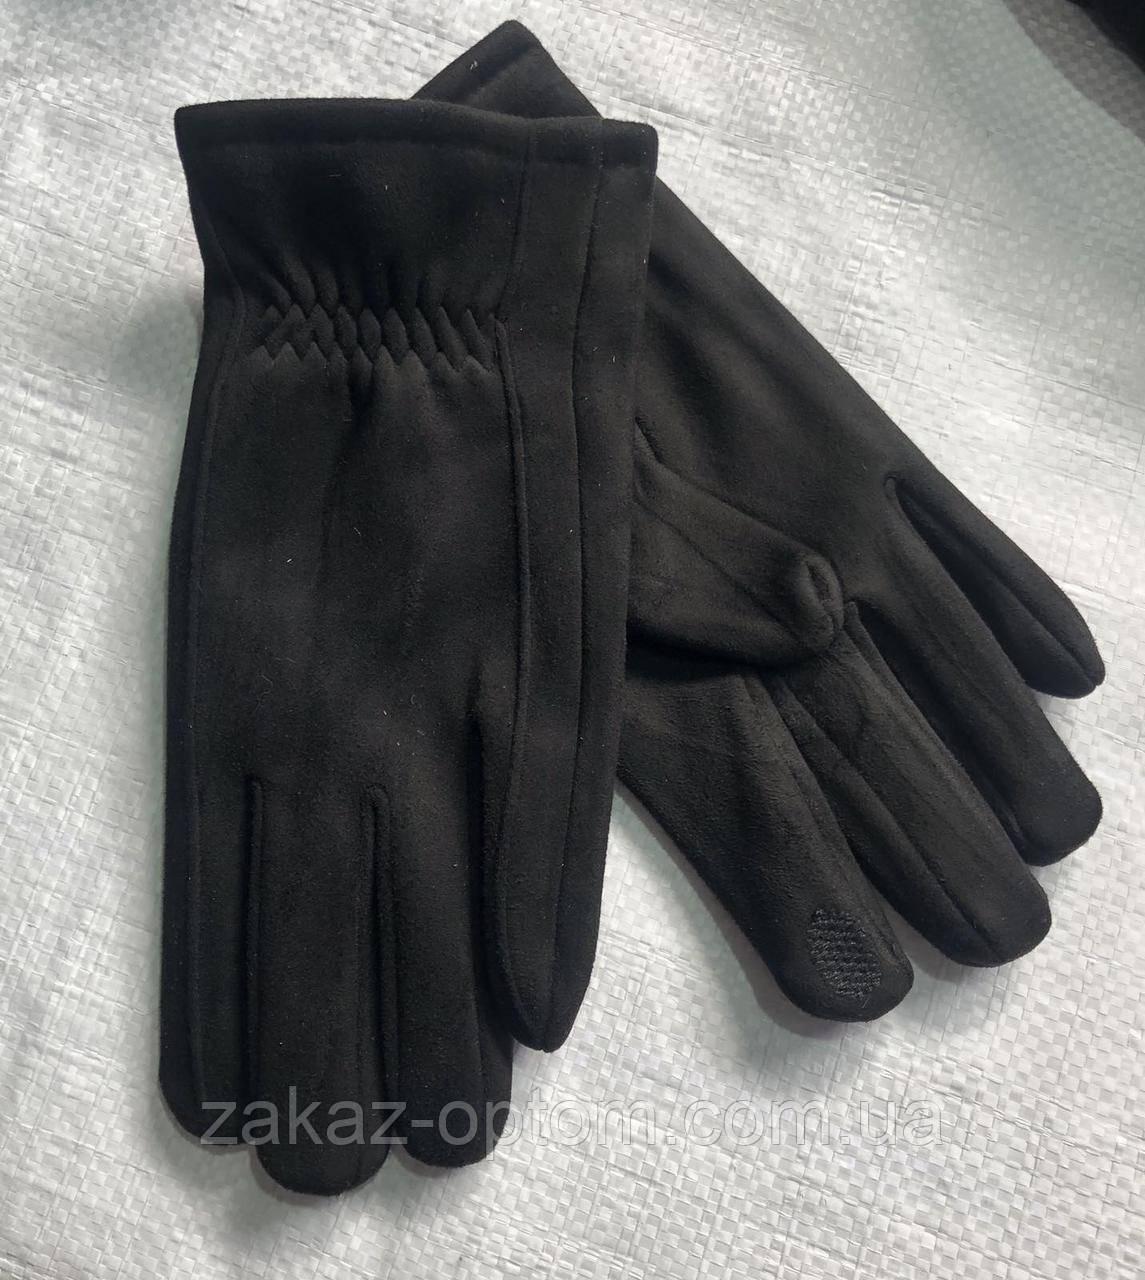 Перчатки мужские сенсор оптом внутри начес (10-12)Китай-63100